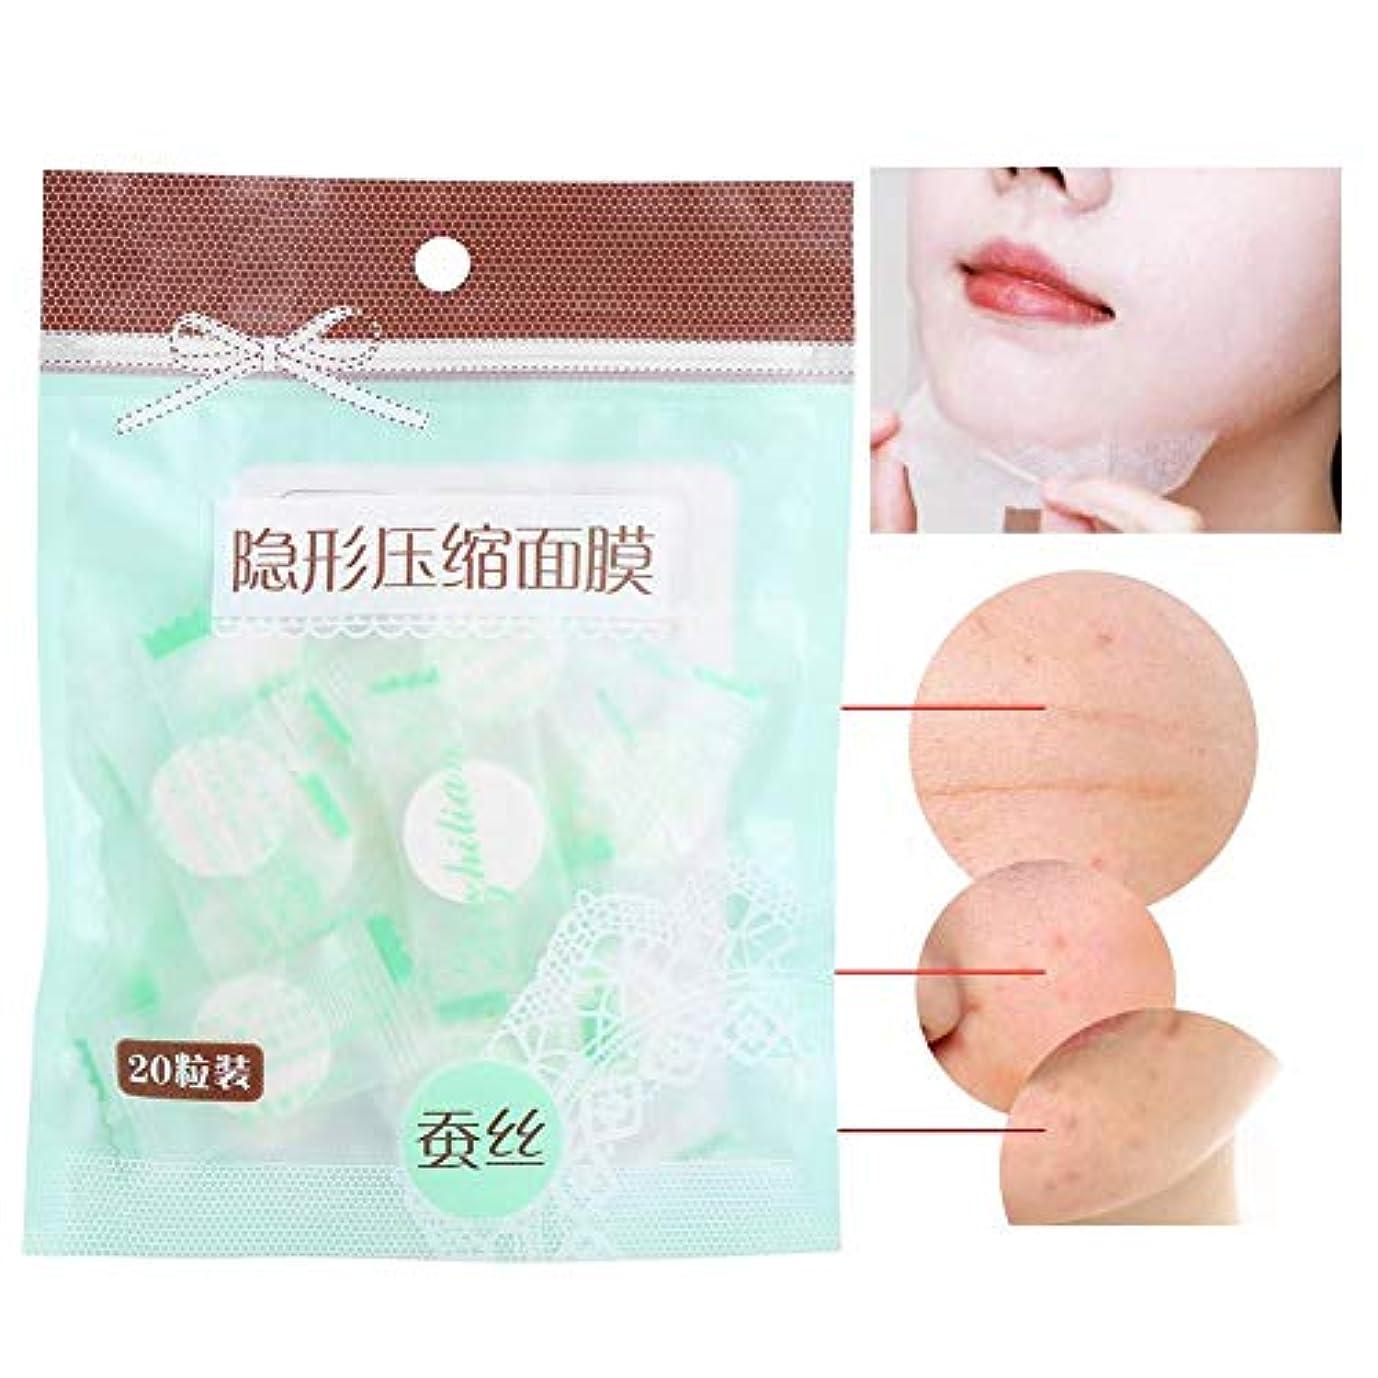 苗合法酔った圧縮 使い捨て 20枚 シルク ナチュラル 保湿 フェイシャルマスクスキンケア DIY 美容メイクアップマスク